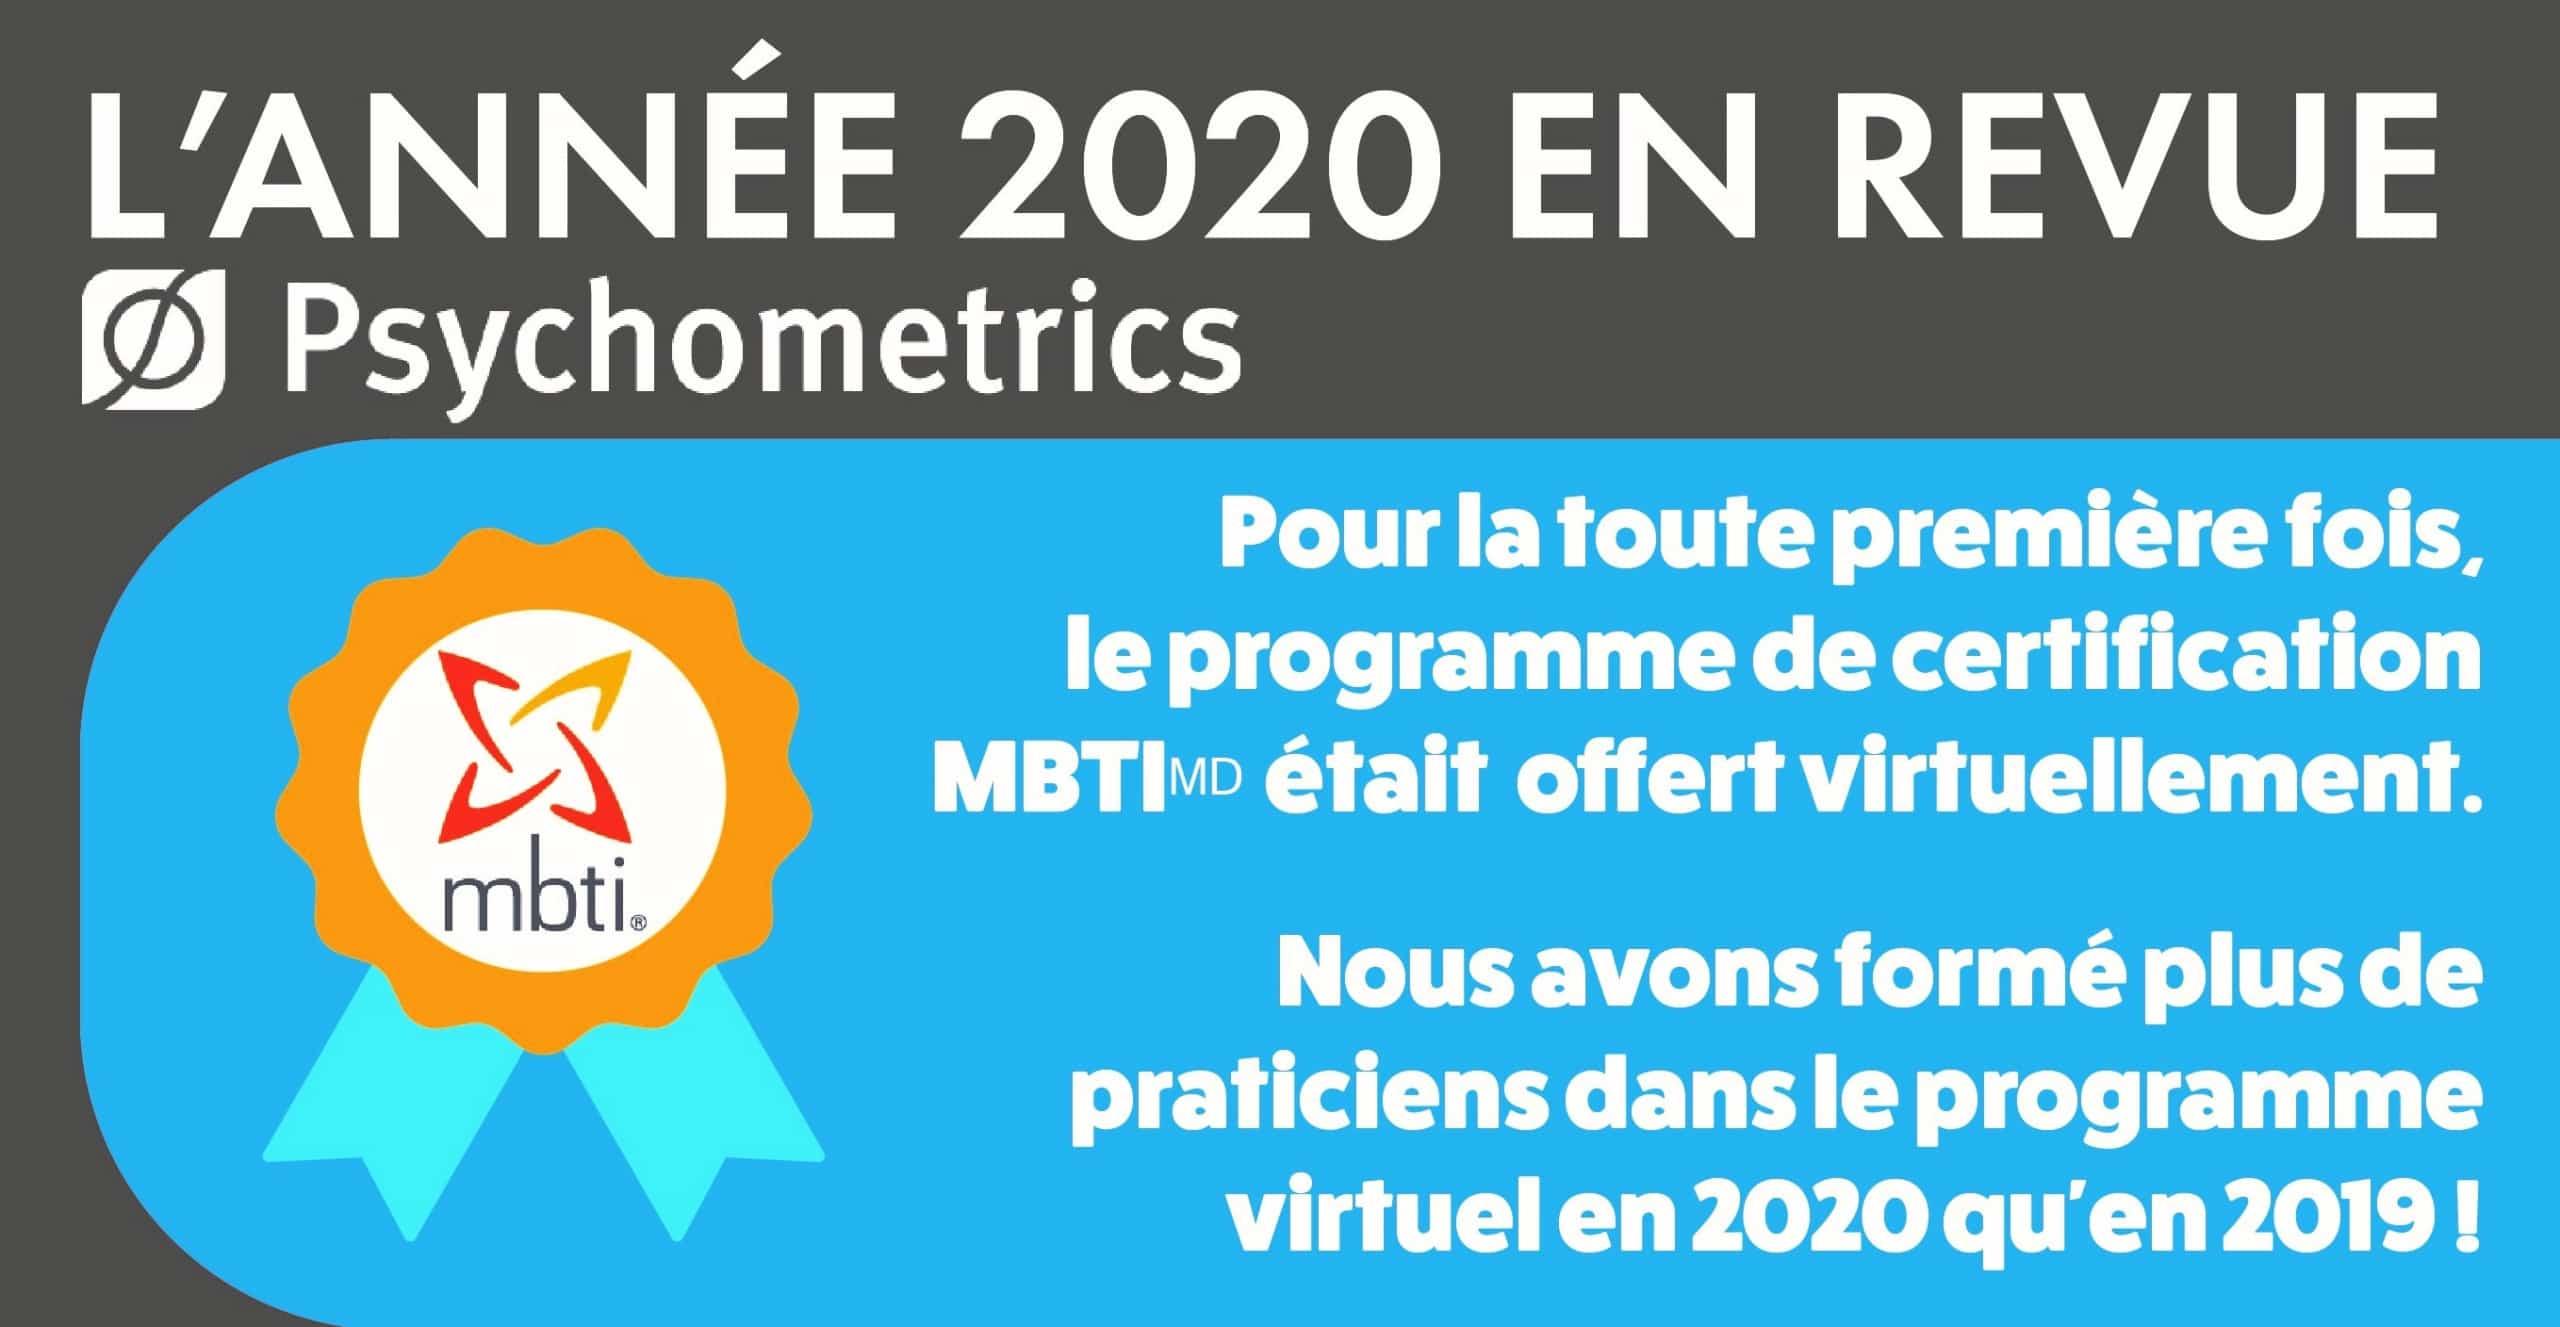 MBTI Certification Virtuelle Program Enligne